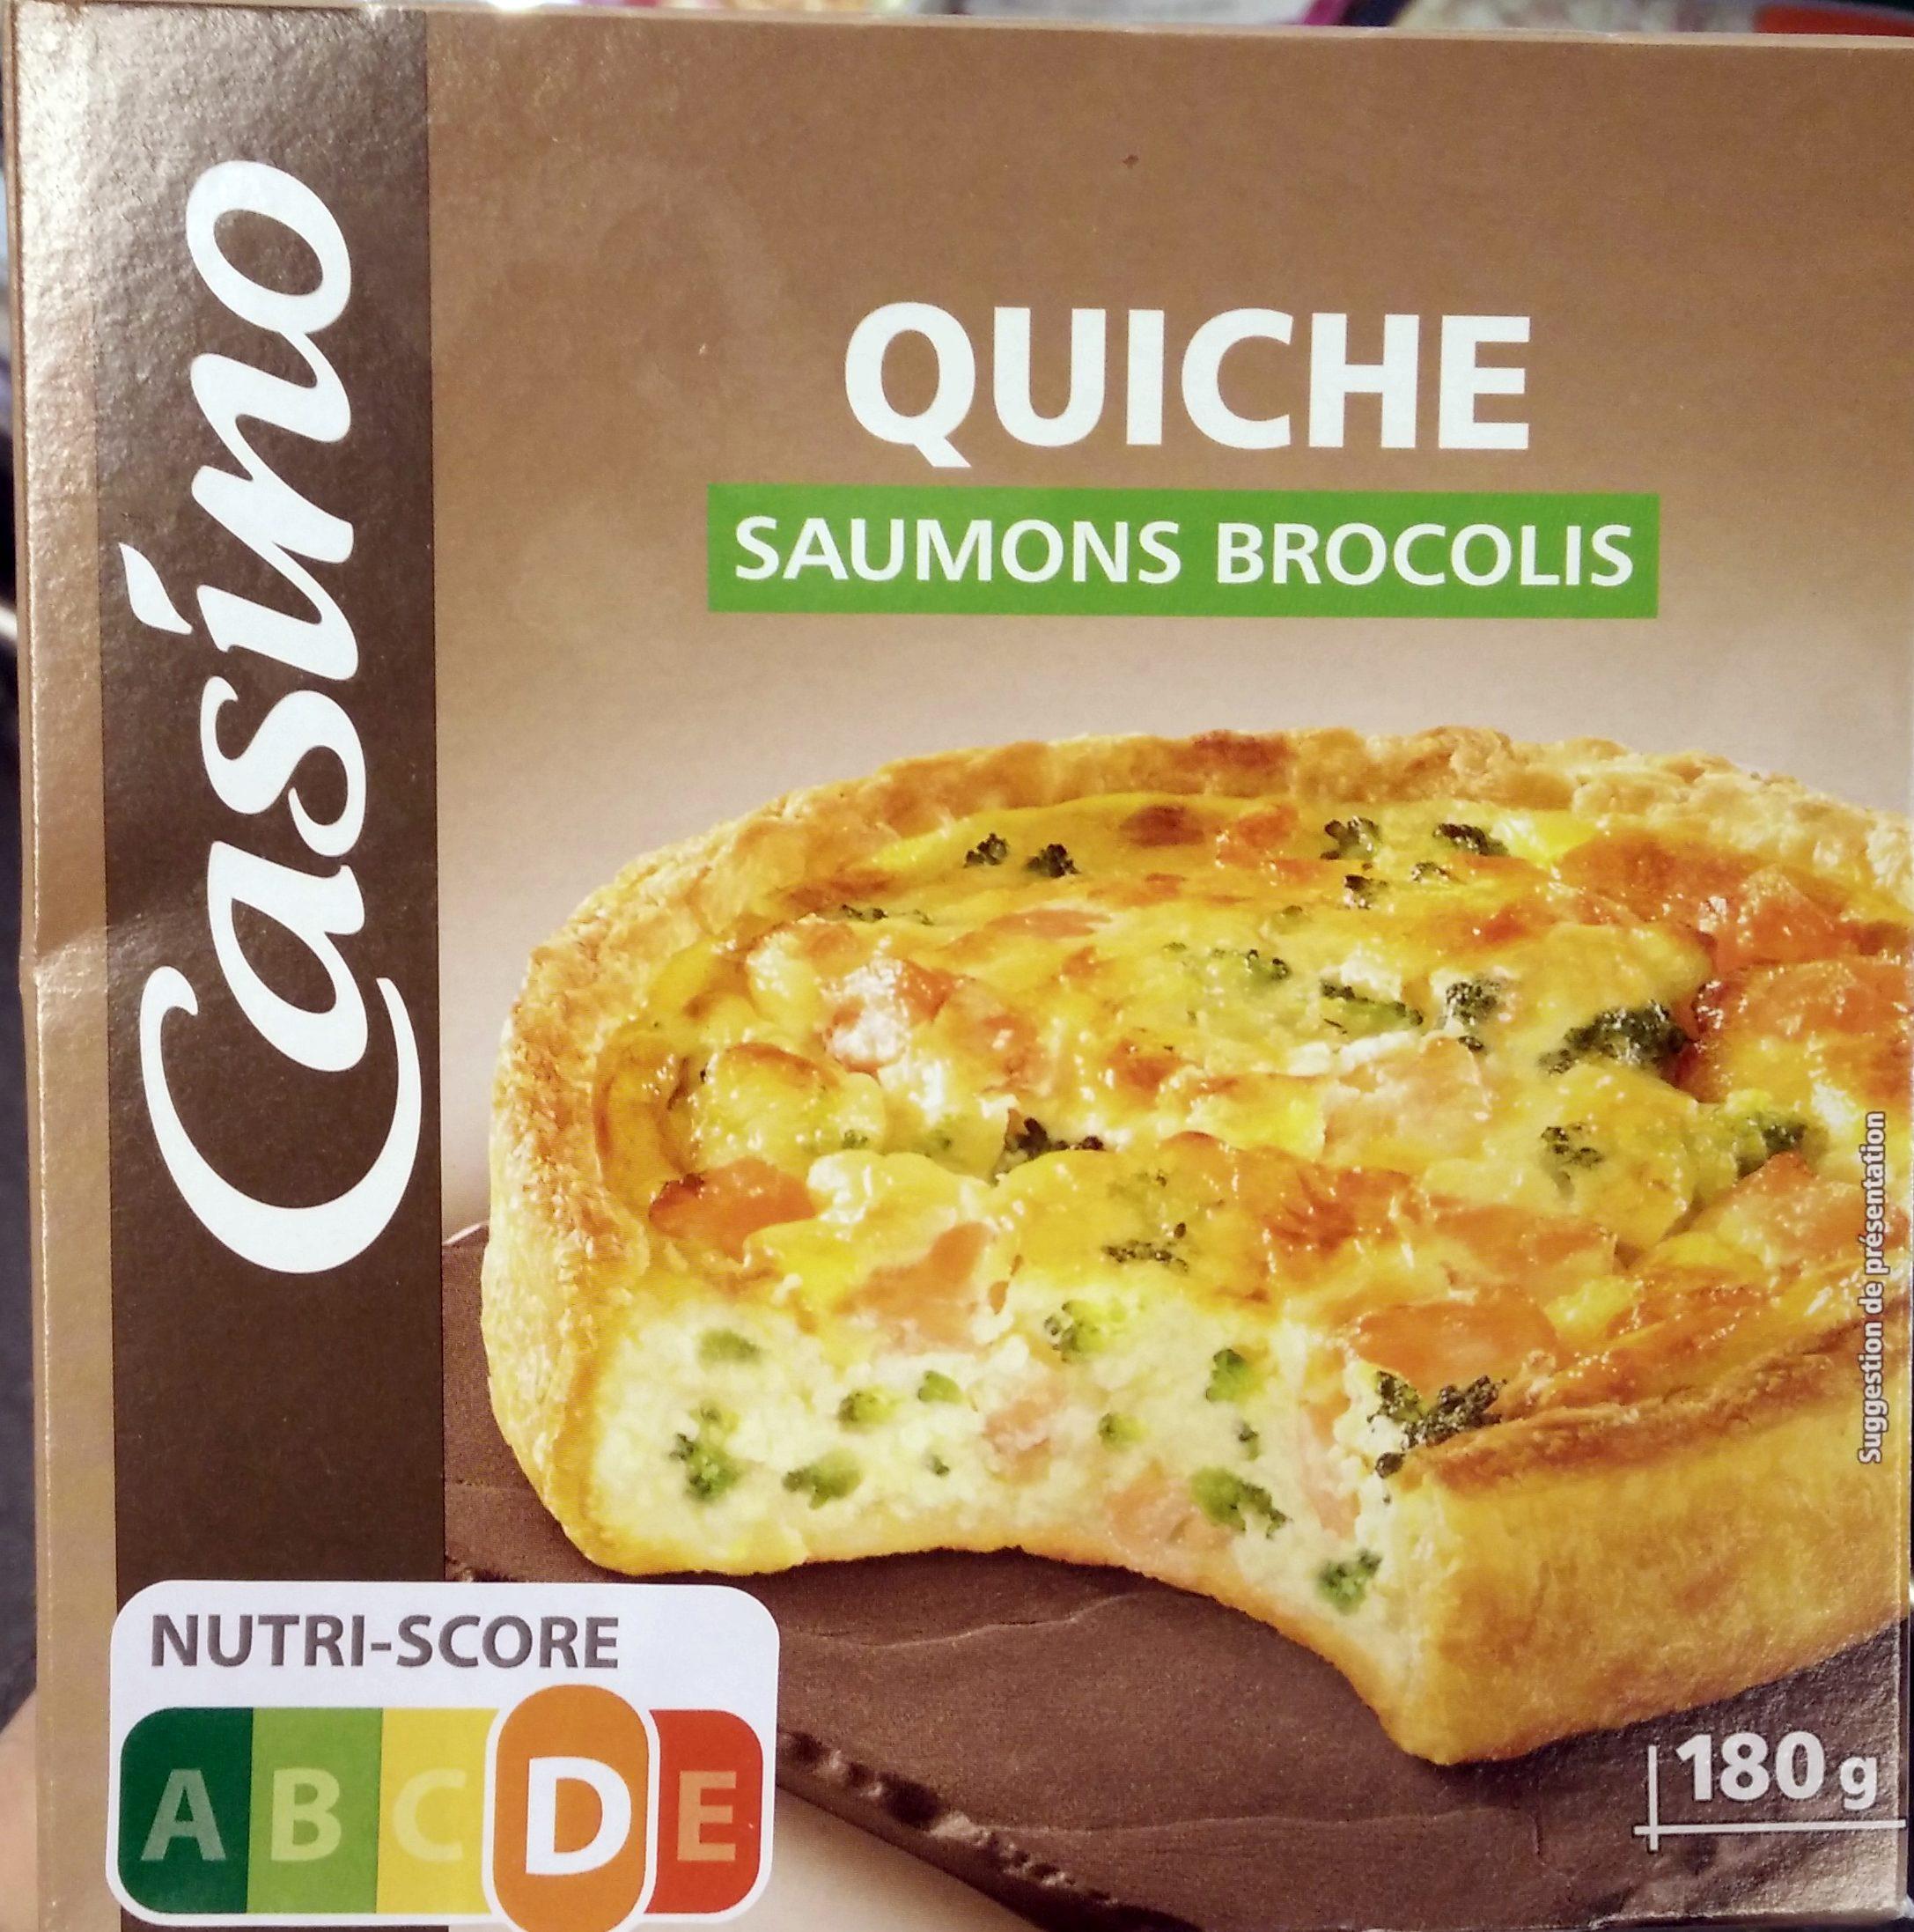 Quiche saumon bocolis - Produit - fr